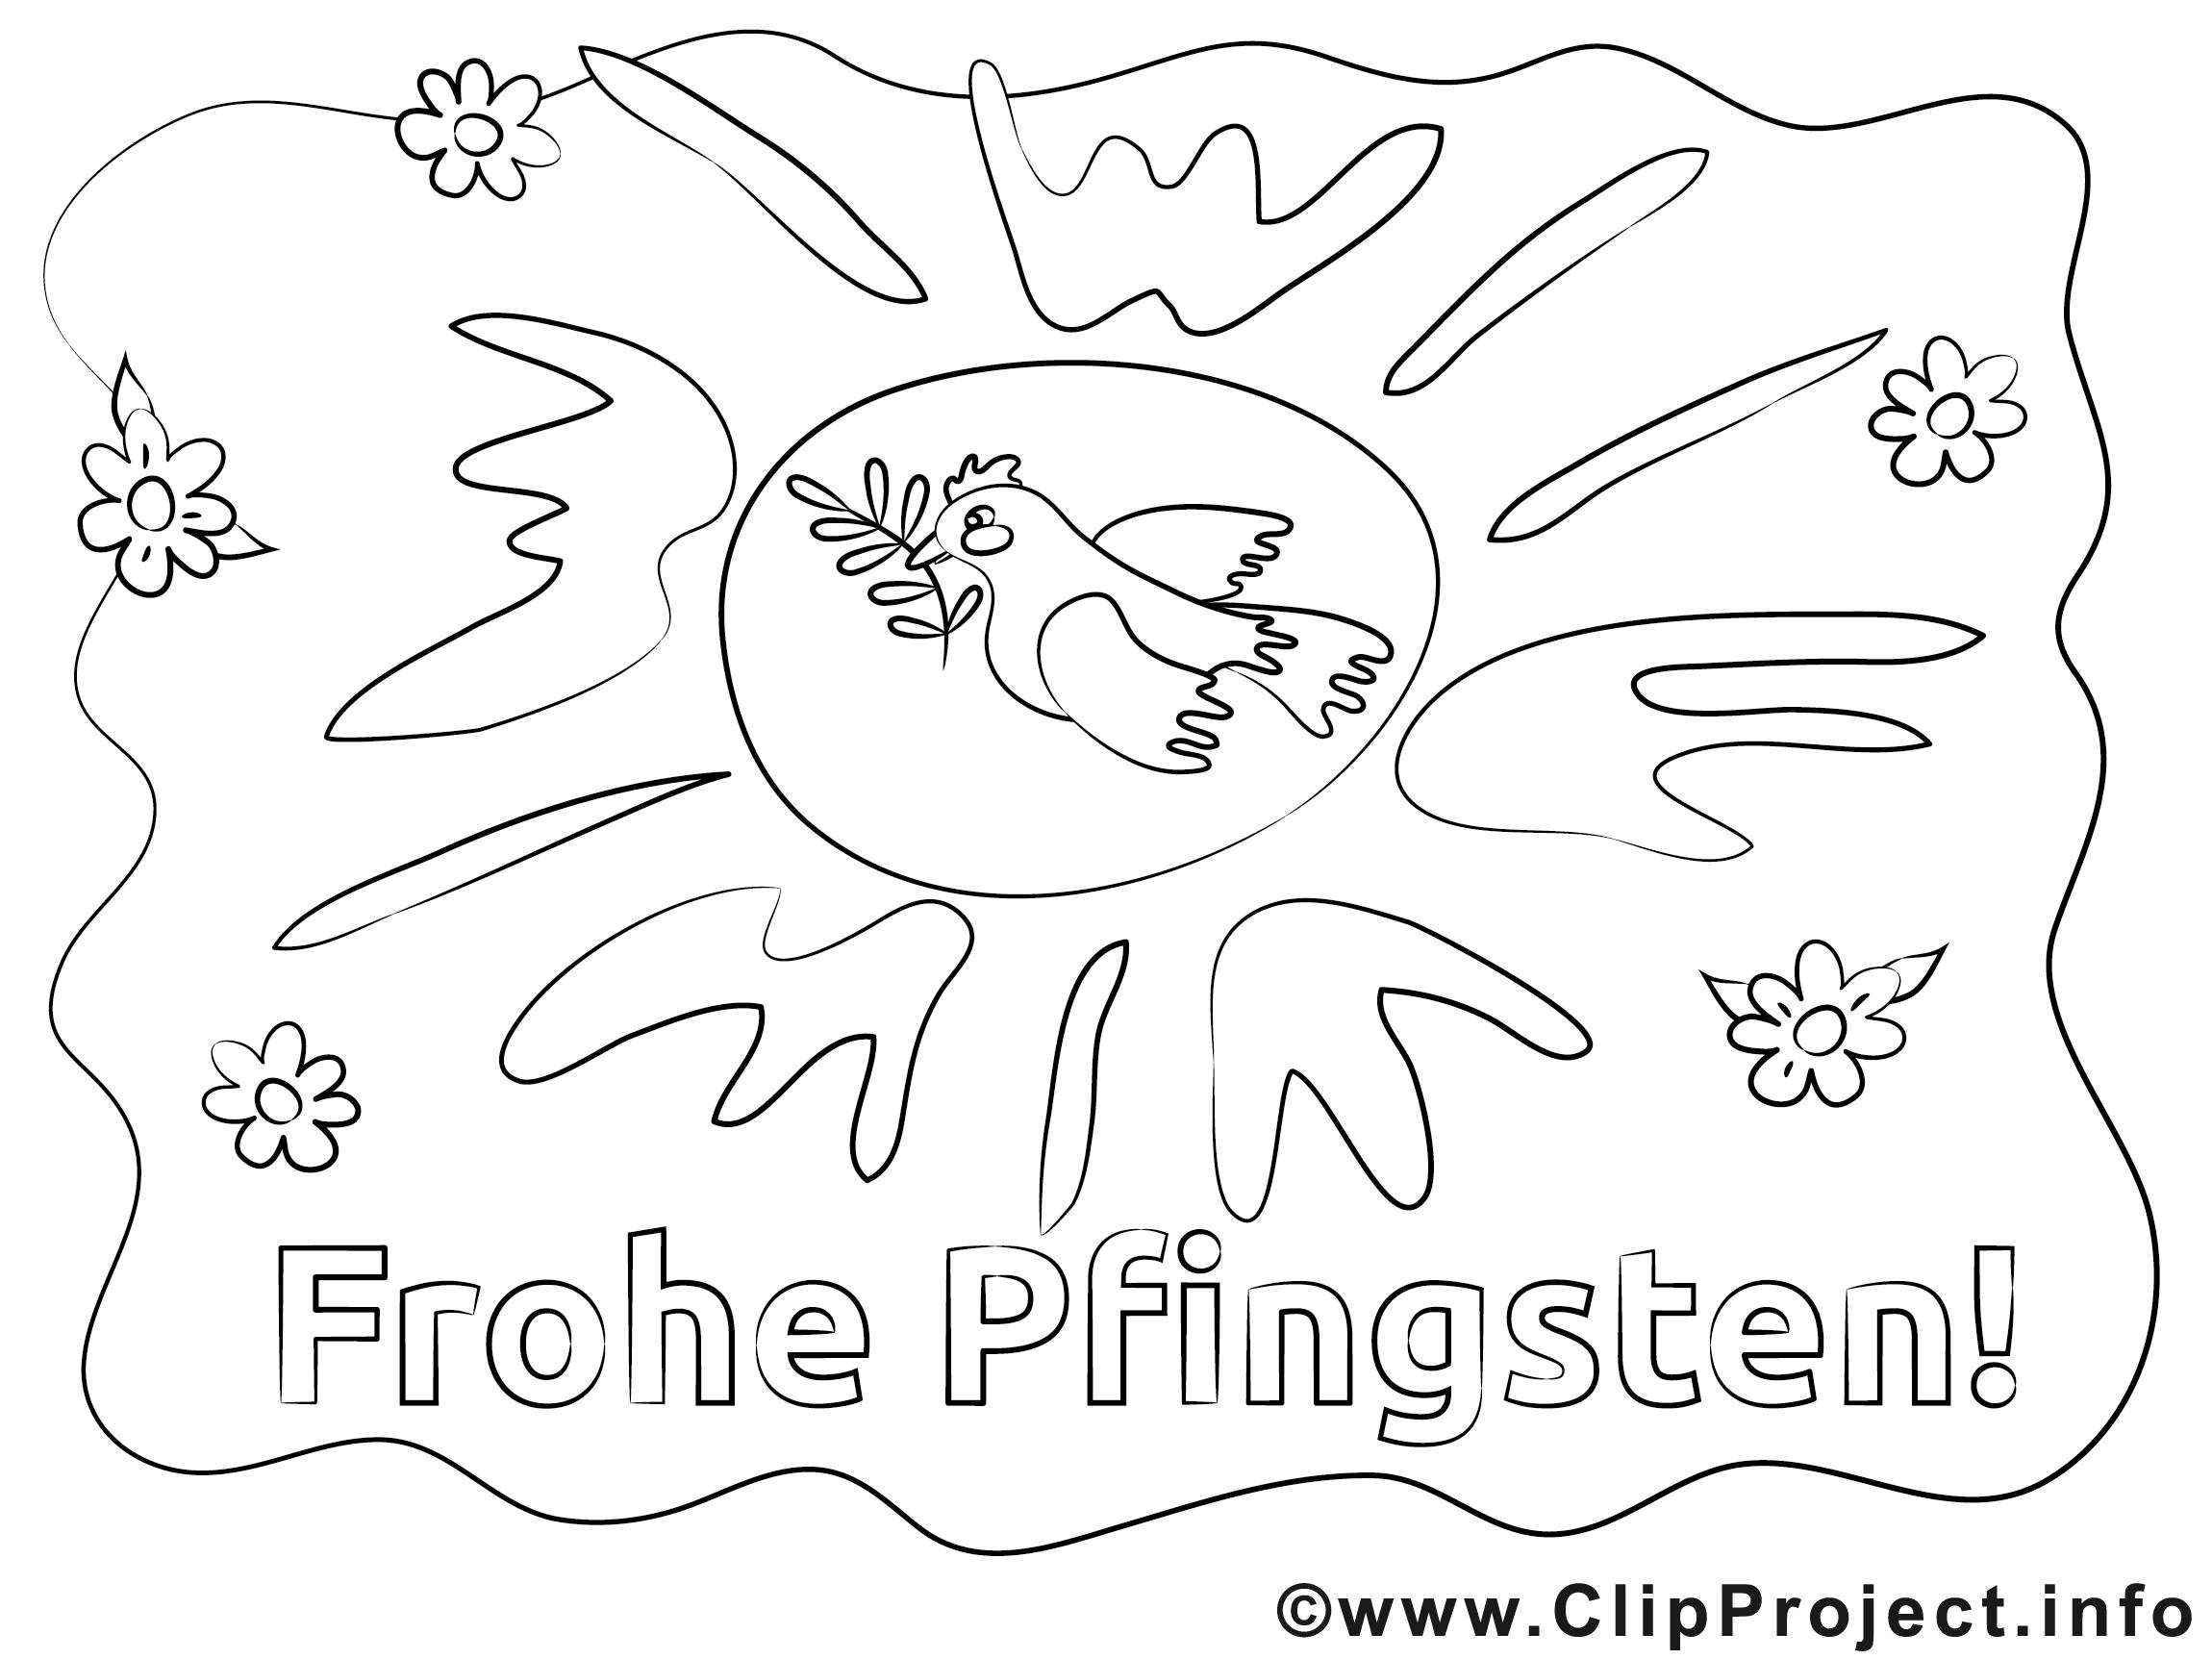 Frohe Pfingsten Ausmalbilder gratis für Kinder